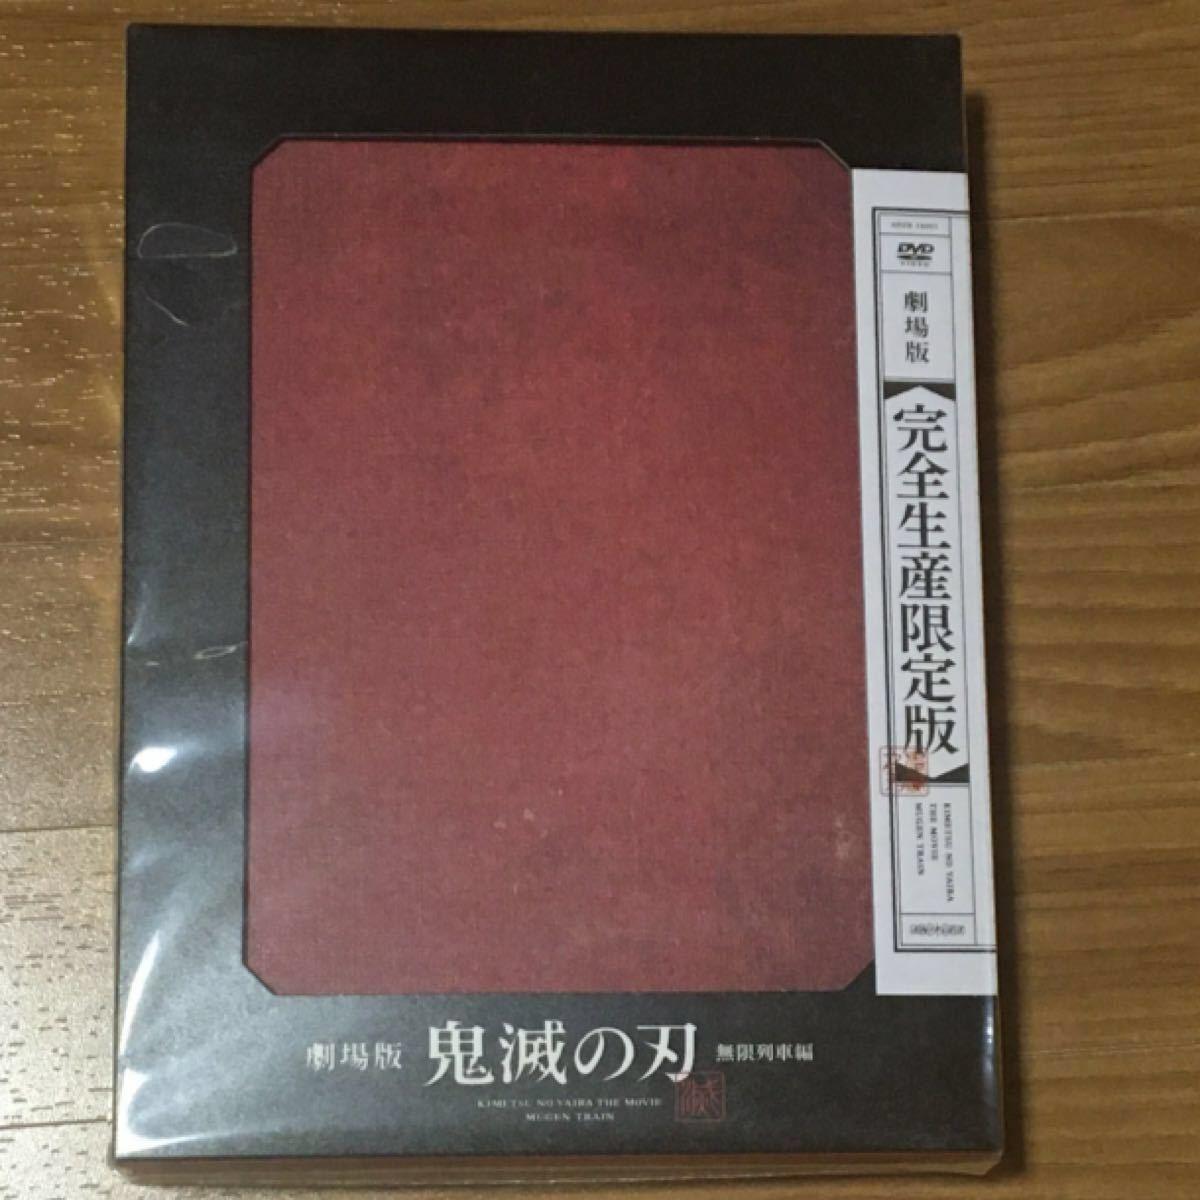 【完全生産限定版】 劇場版 「鬼滅の刃」 無限列車編 DVD+タンブラー